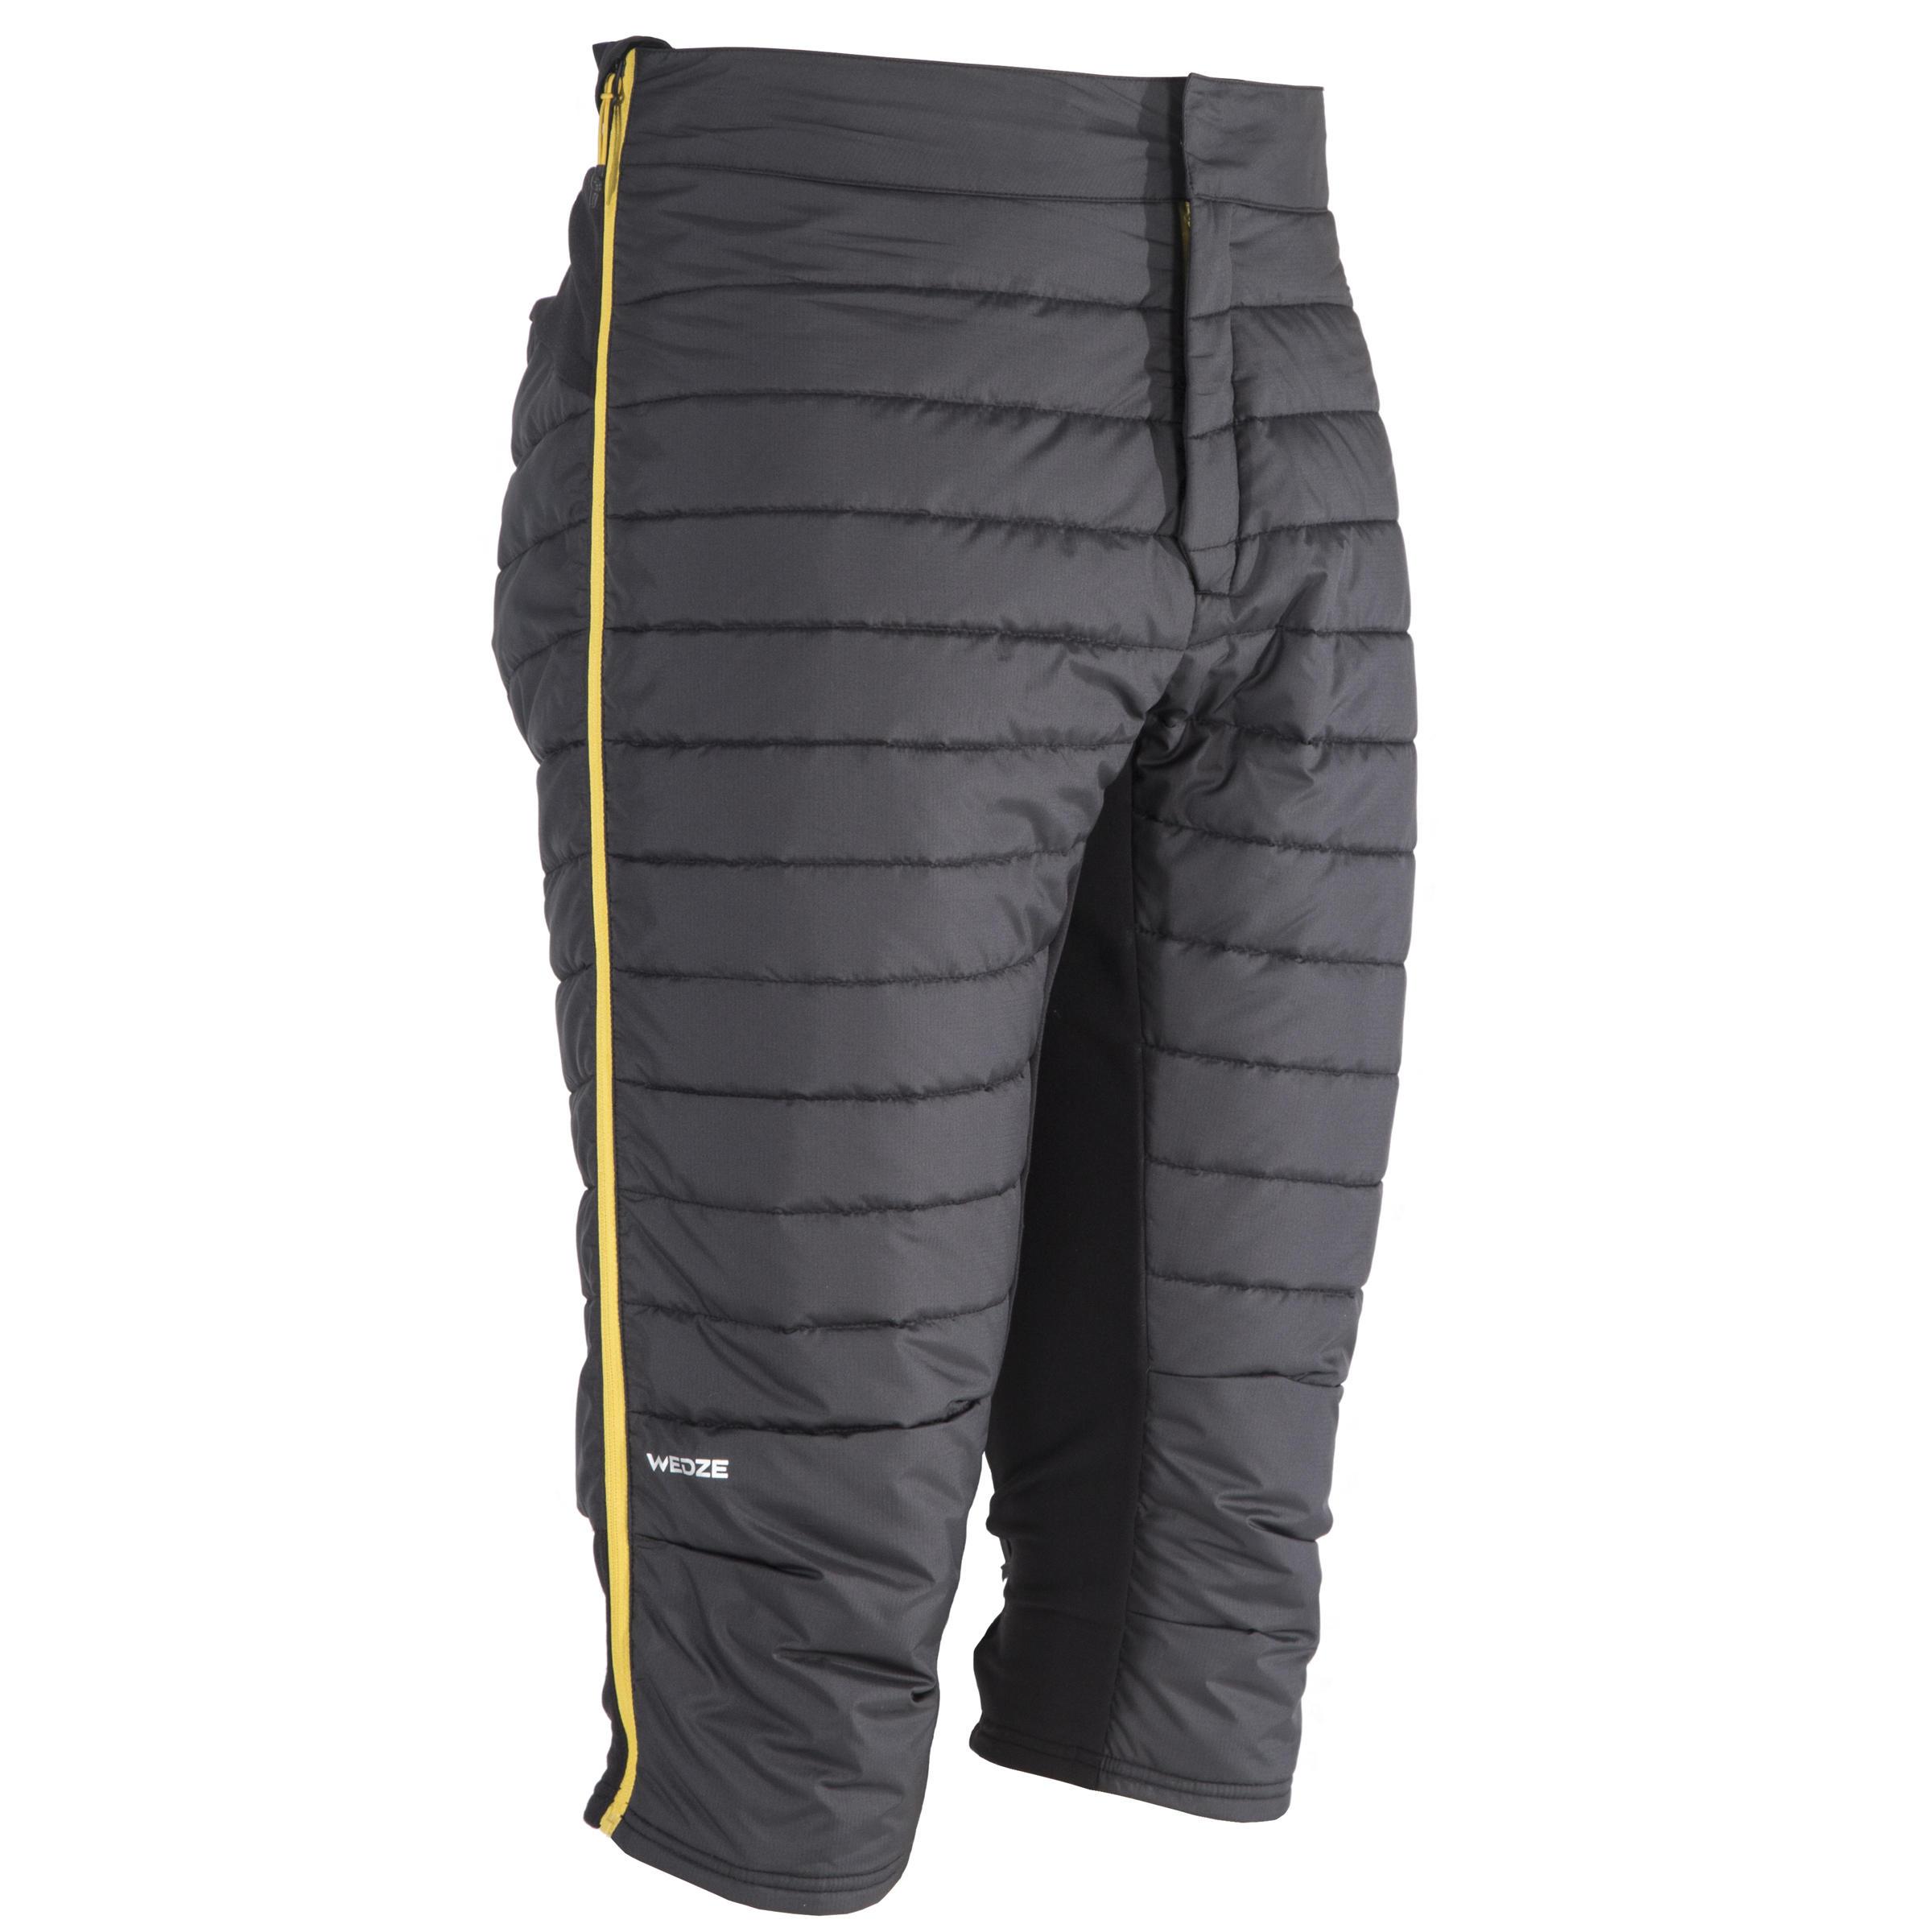 Skiunterhose Activ 900 Herren grau | Sportbekleidung > Funktionswäsche > Thermounterwäsche | Grau - Schwarz | Wed´ze